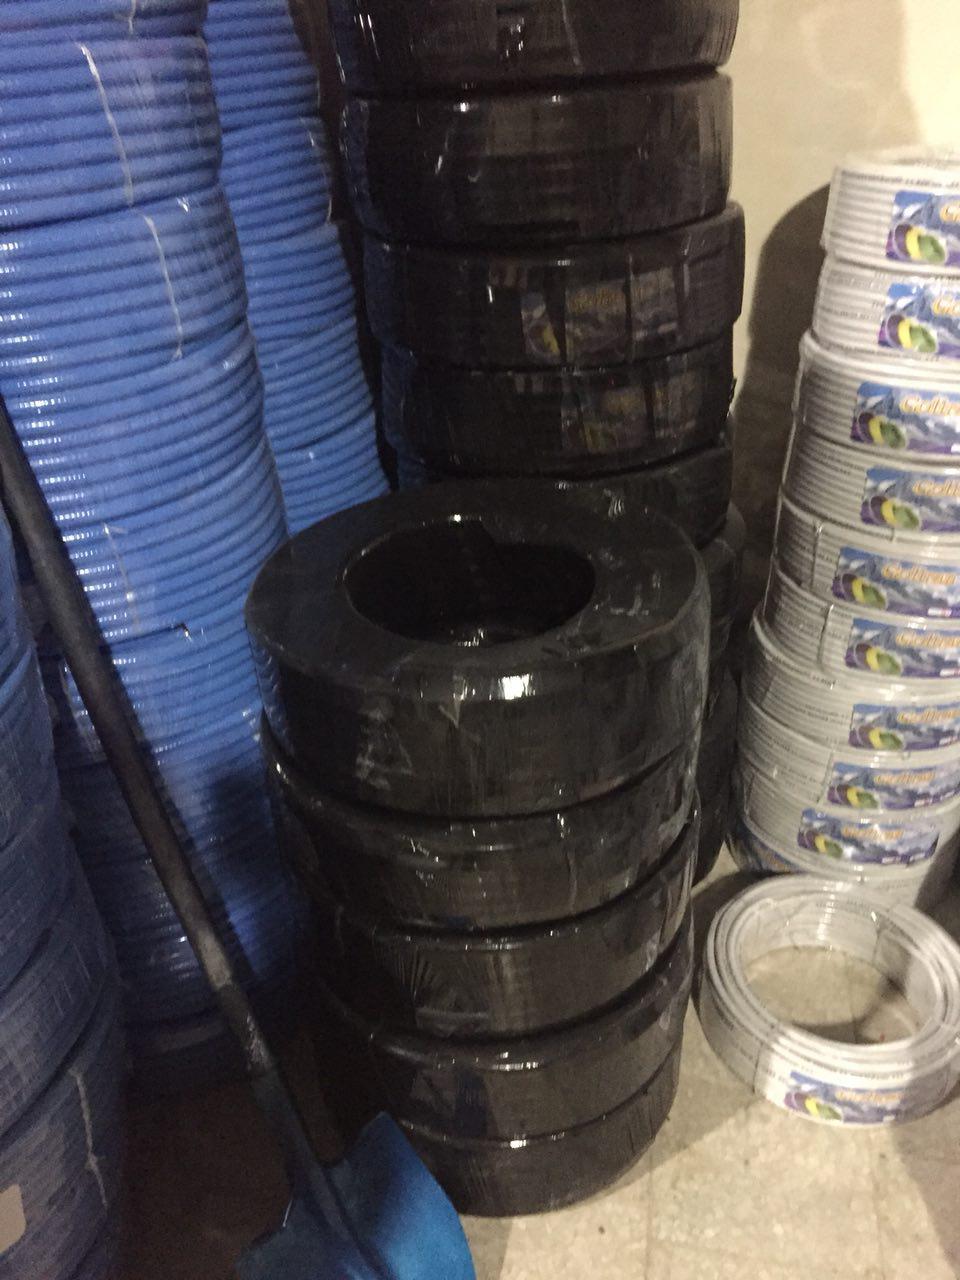 فروش شیلنگ آب به صورت تناژ